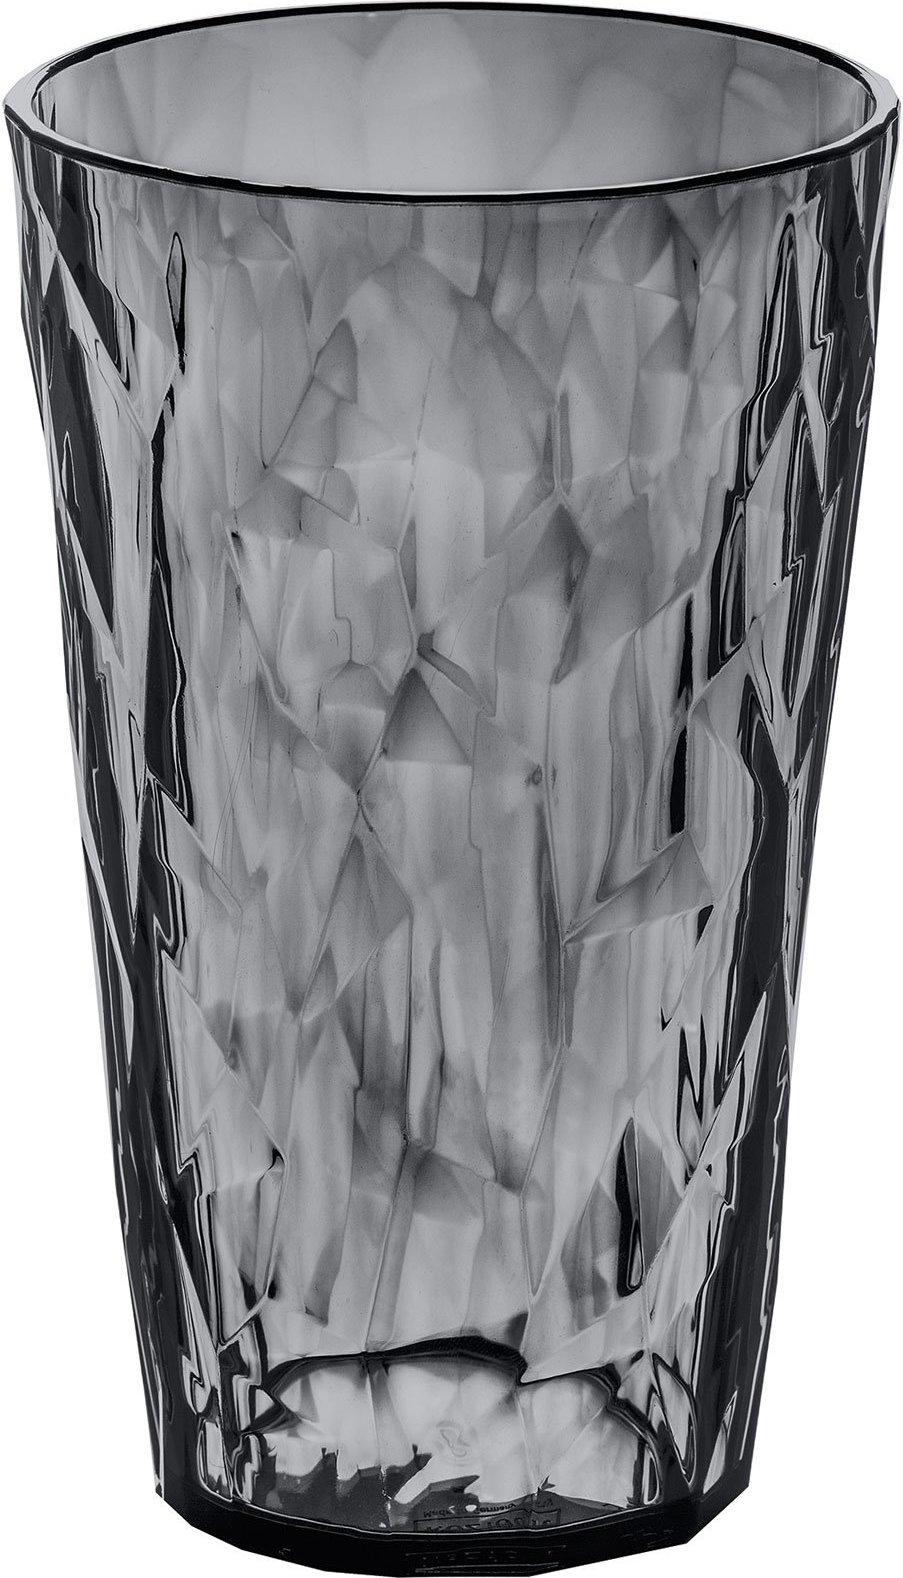 Szklanka Crystal 2.0 L antracytowa przezroczysta